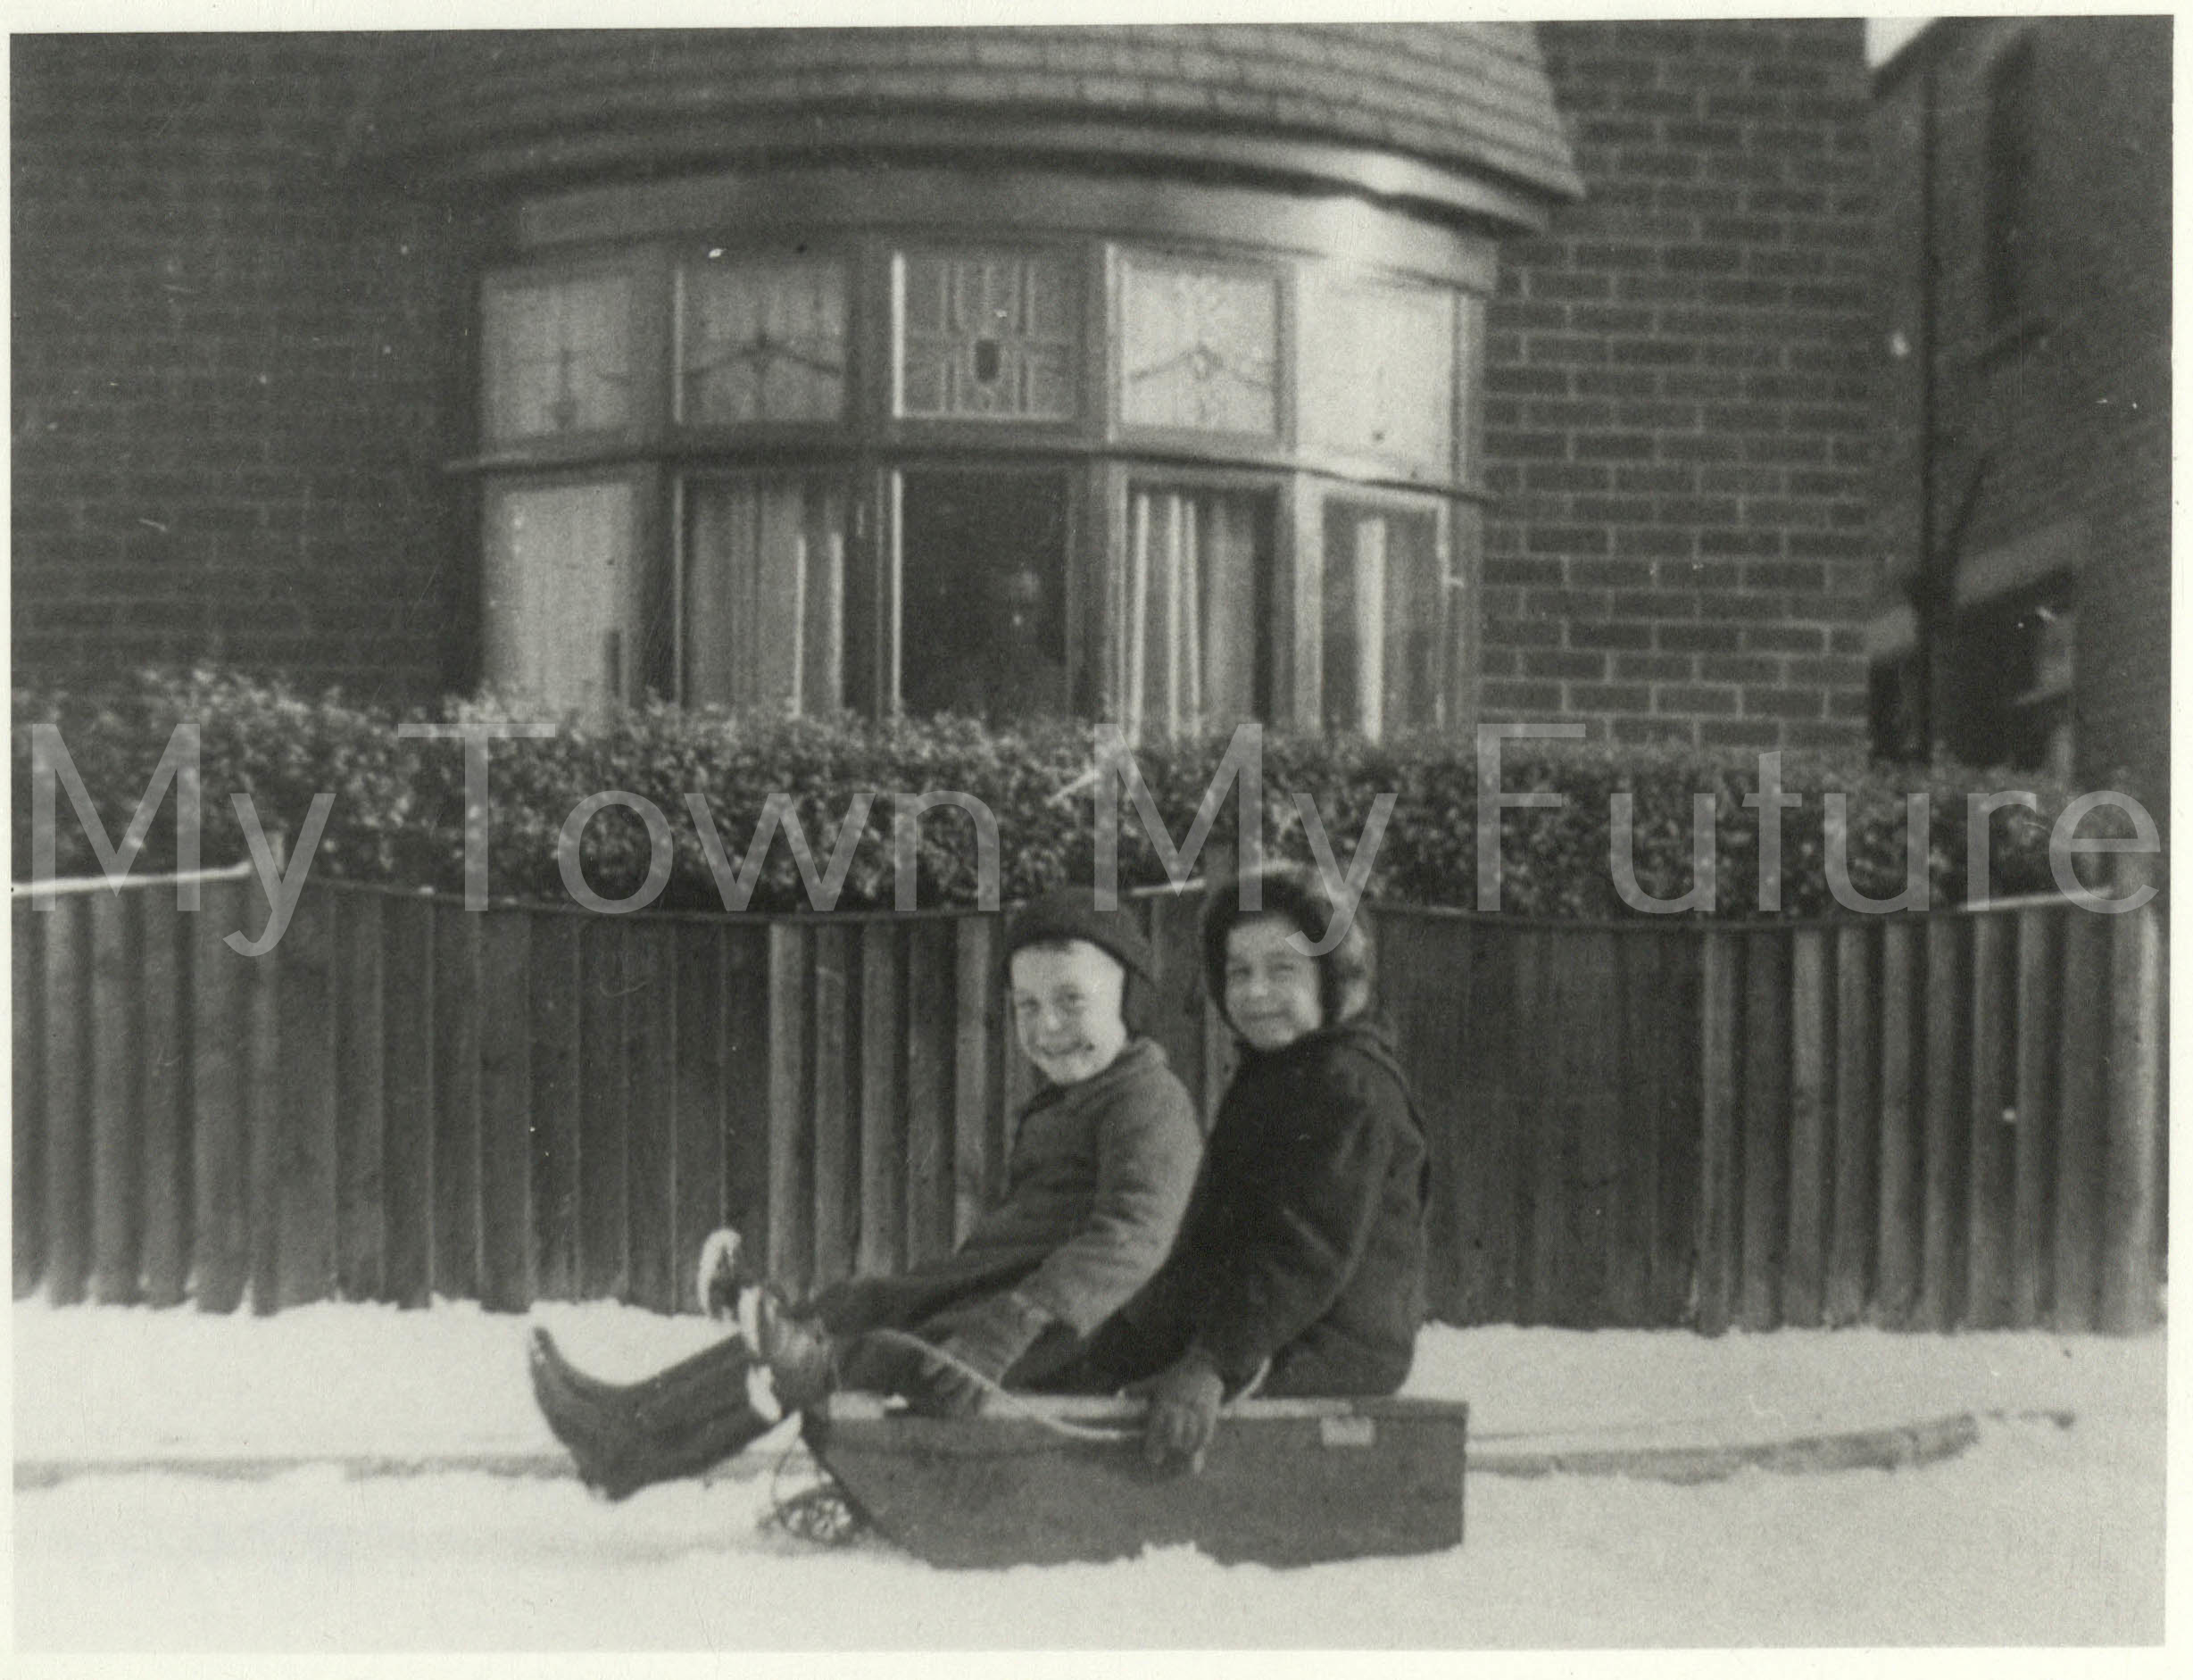 Marion Avenue Linthorpe_1943_N Moorsom